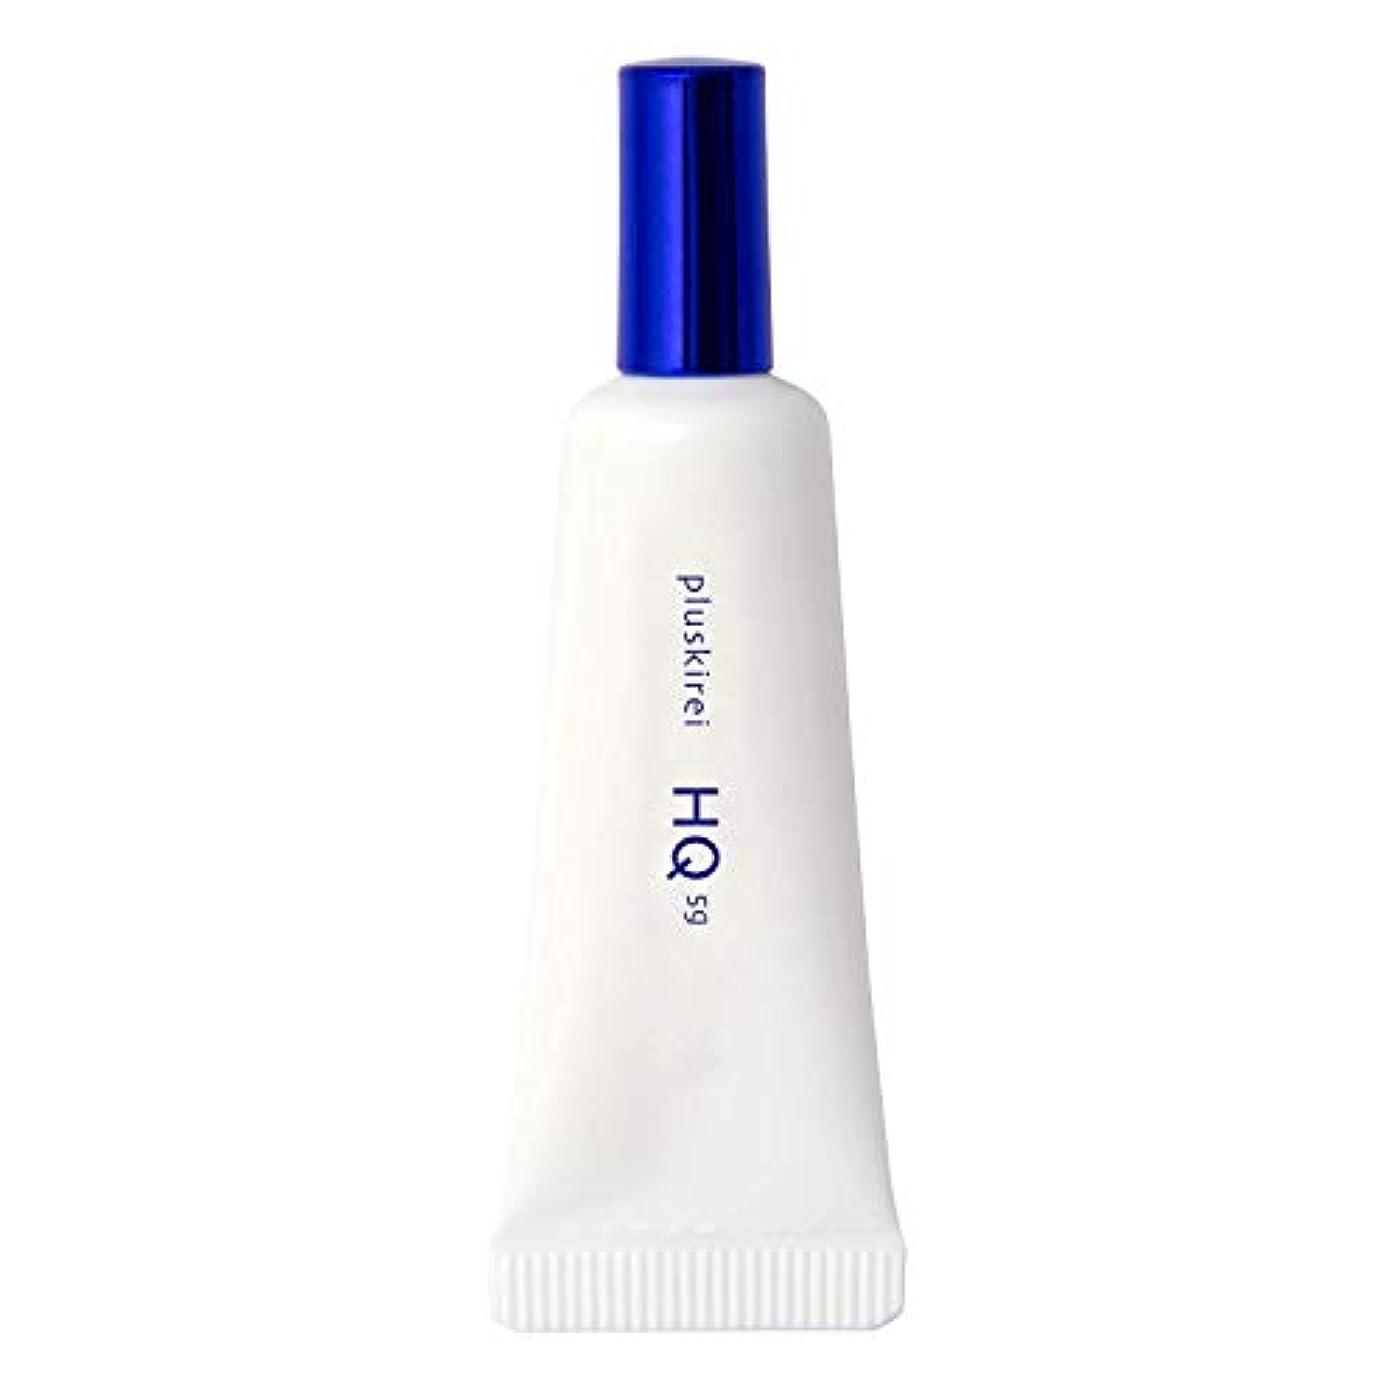 超える側面動機純 ハイドロキノン 4% 配合 クリーム プラスキレイ プラスナノHQ 日本製 (1本)